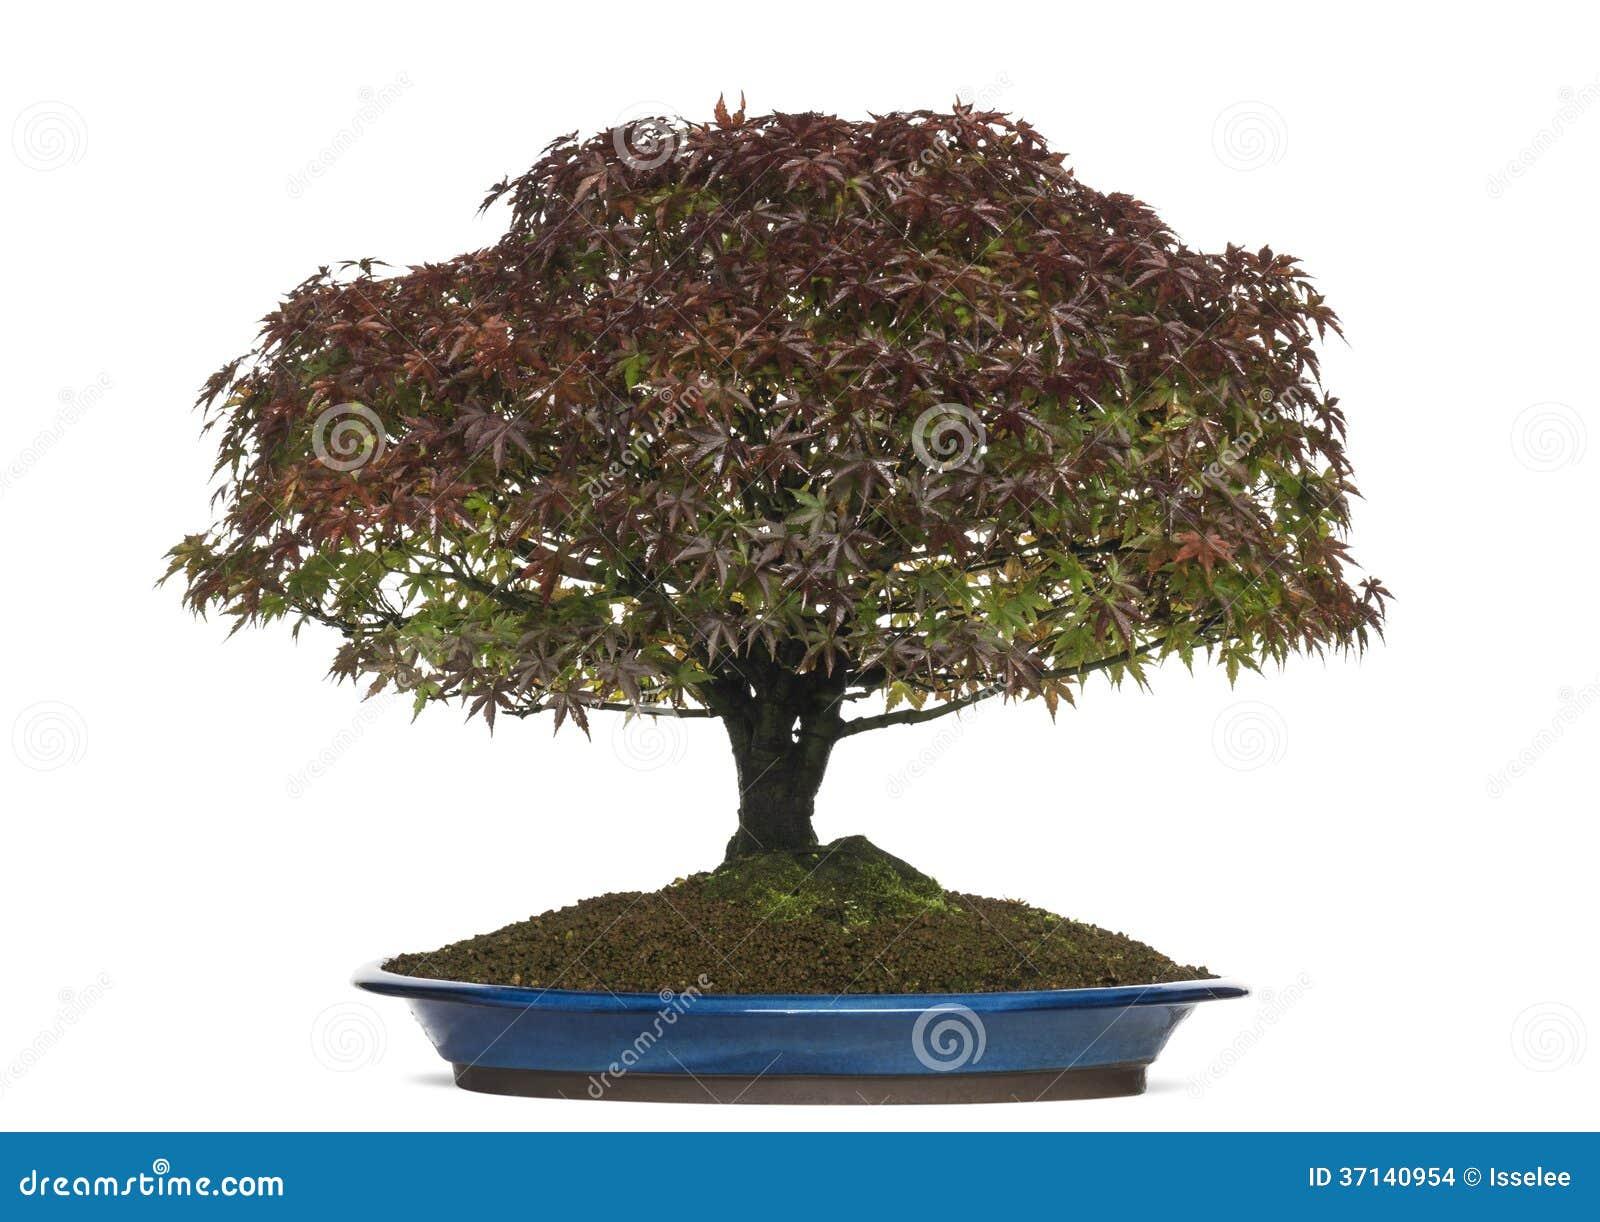 Acer Palmatum Kiyohime Bonsai Tree Isolated Stock Photo Image Of